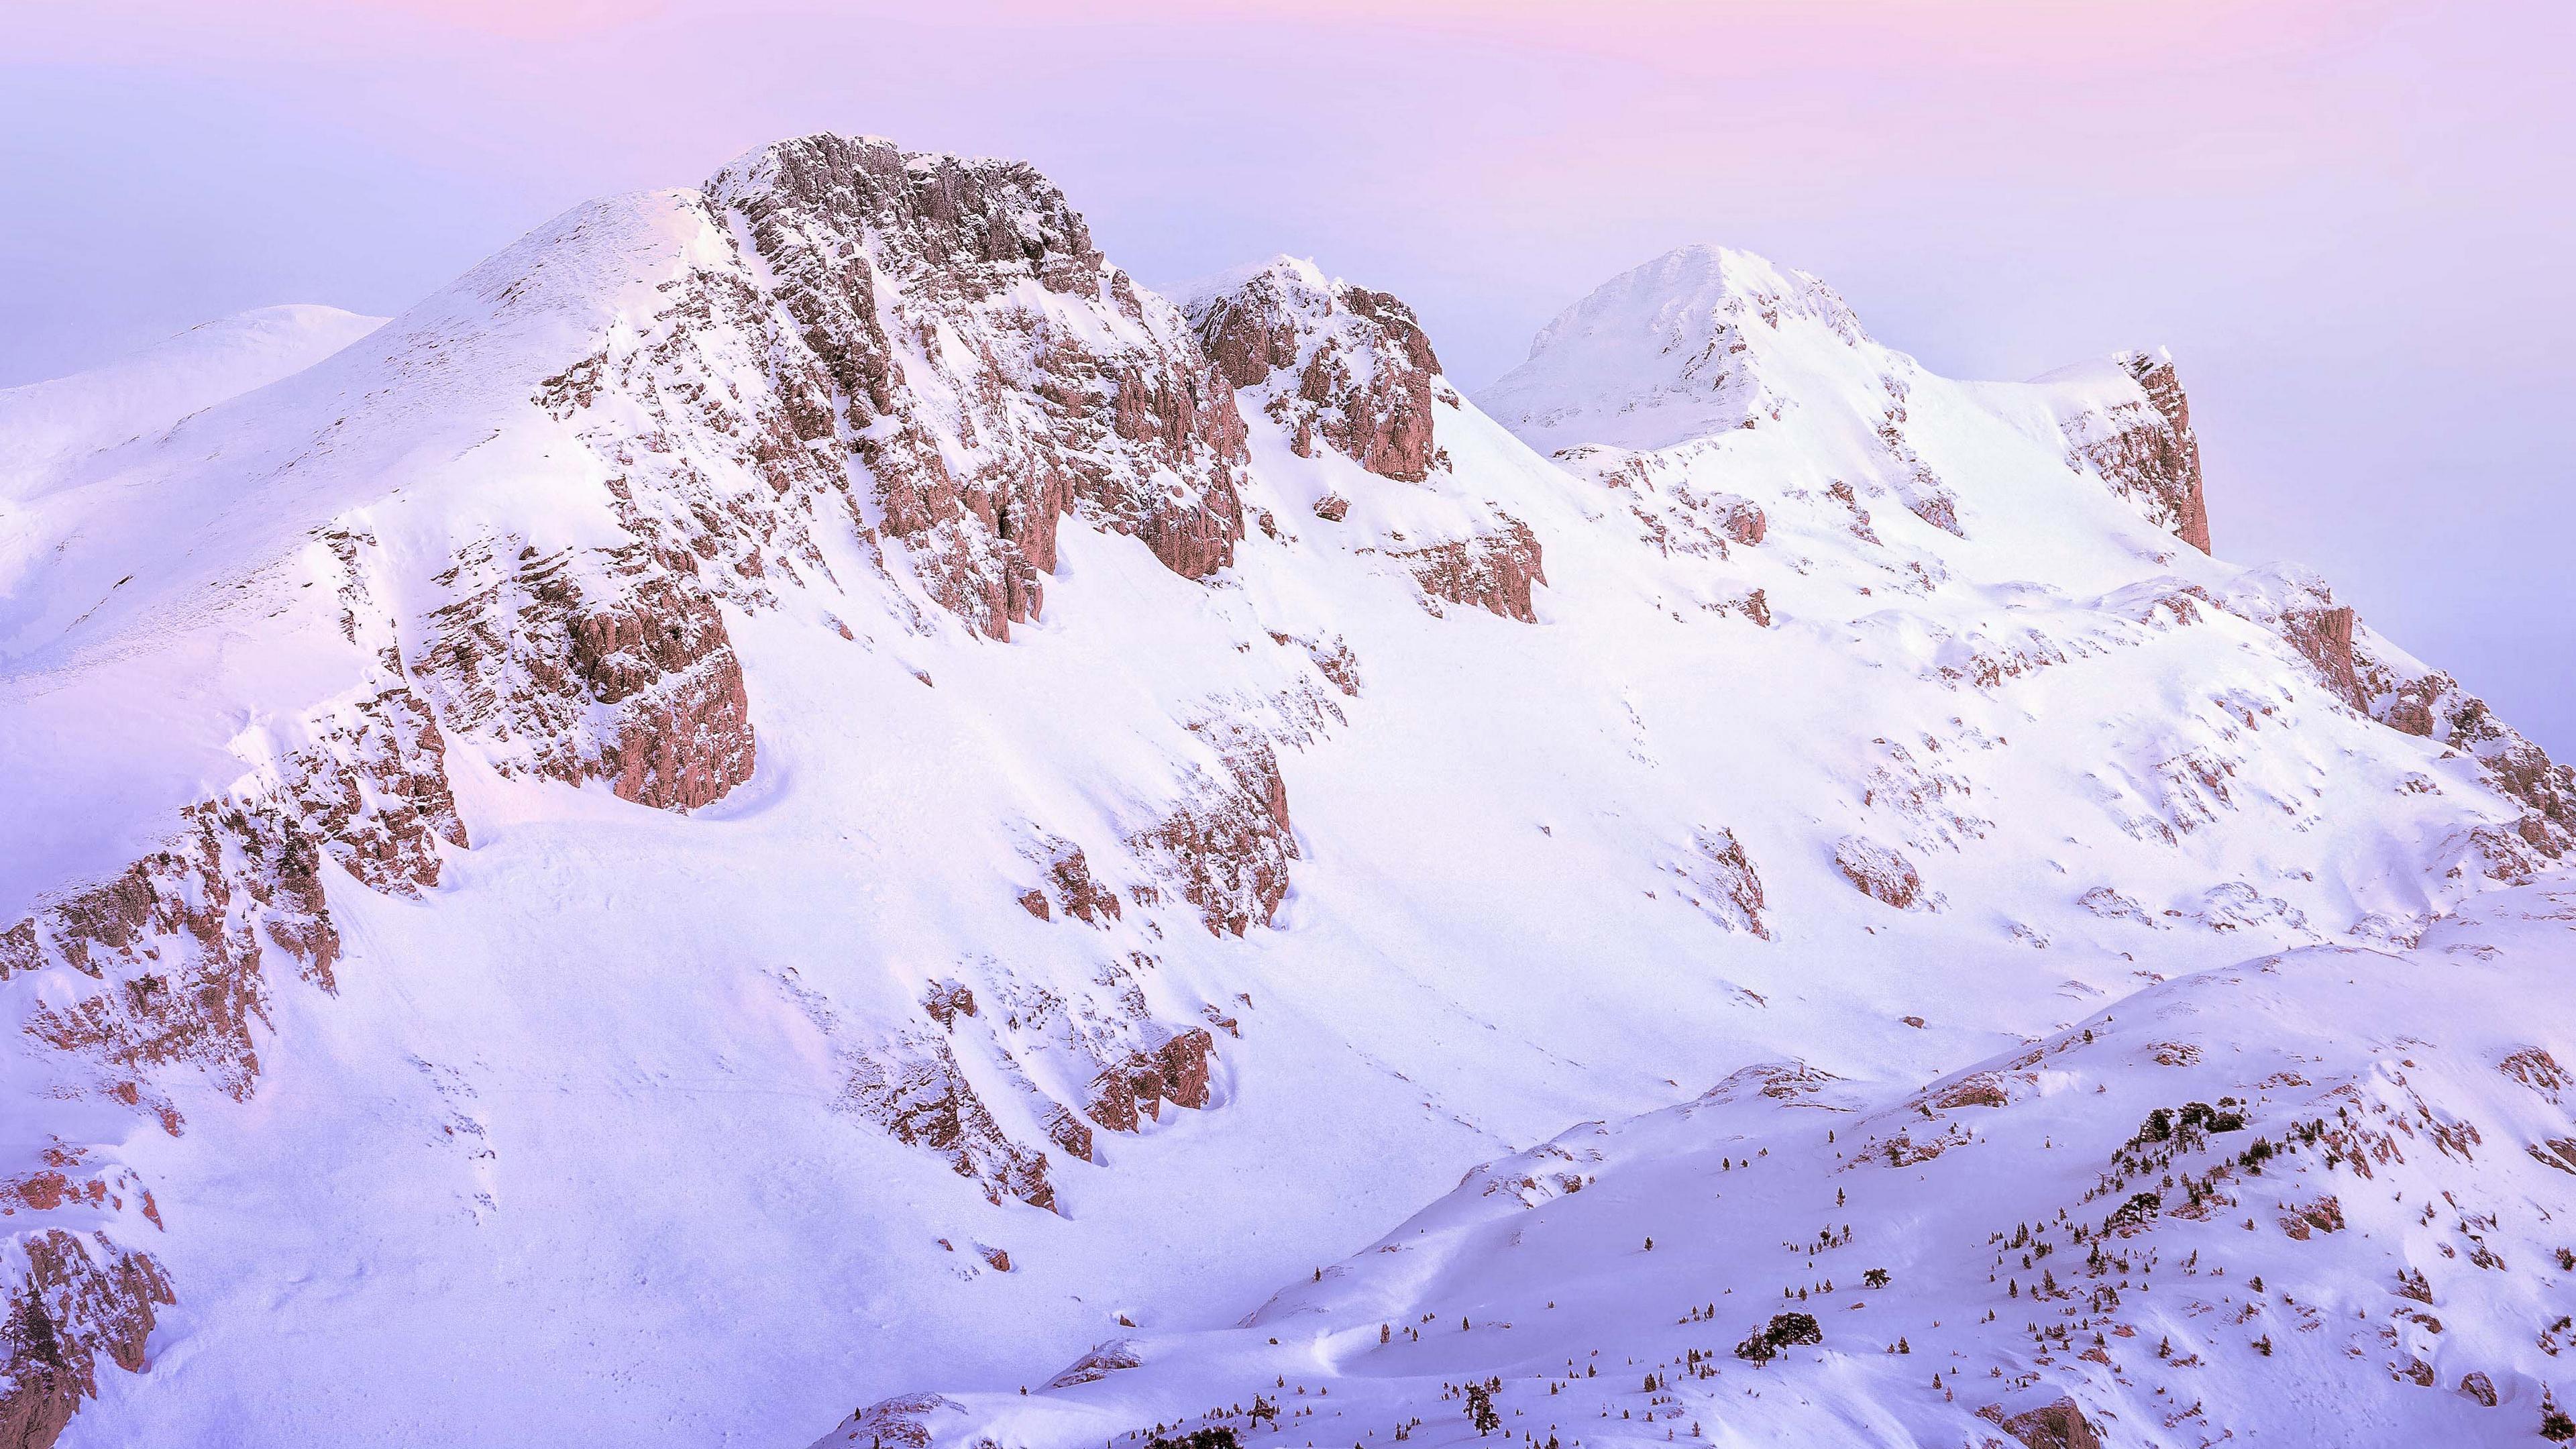 Снежные горные вершины в лучах заката